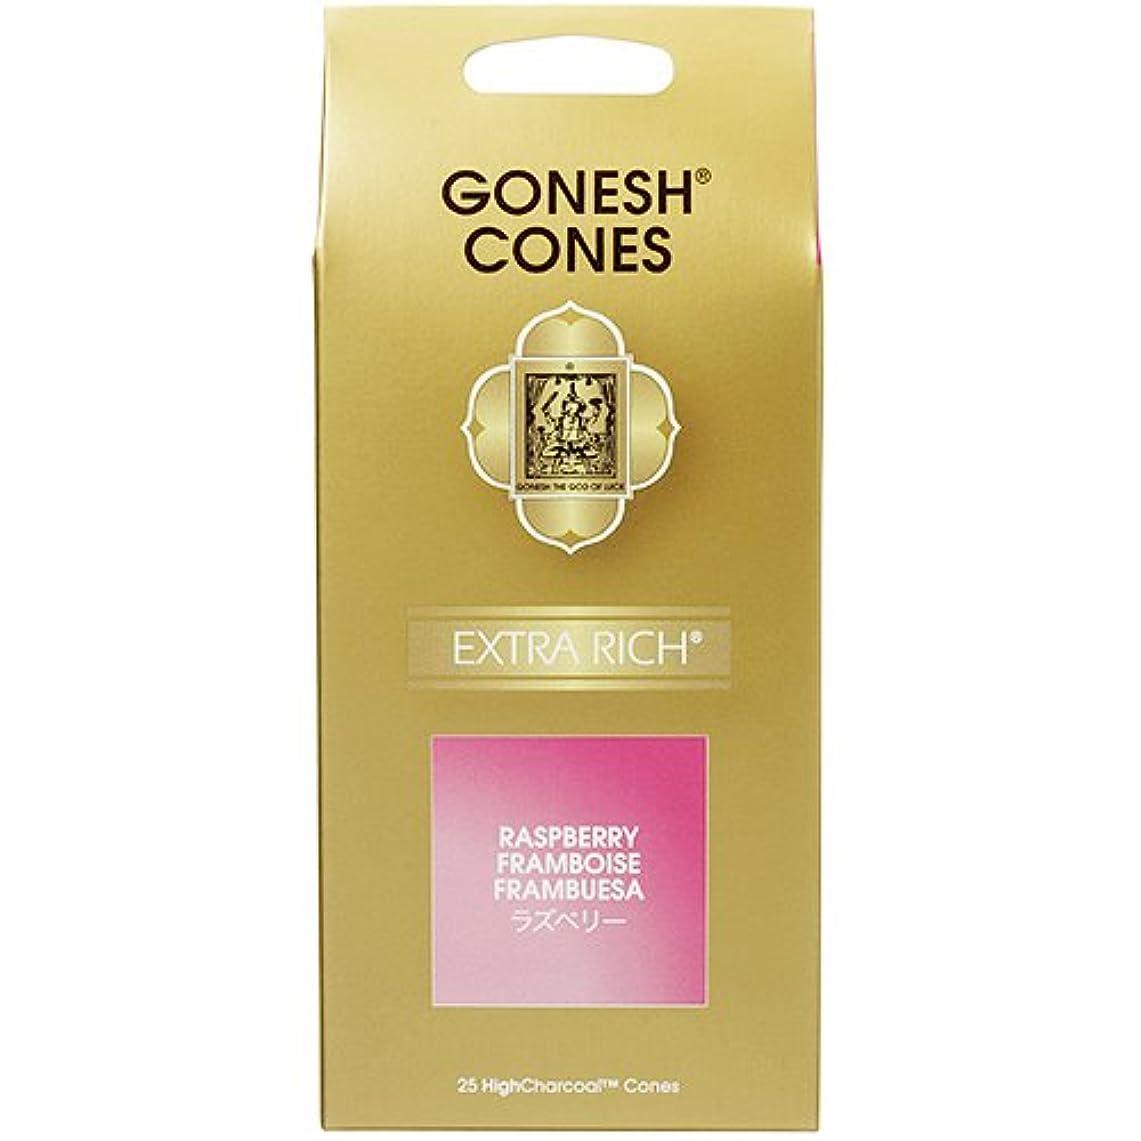 ごみ質素な水星ガーネッシュ(GONESH) エクストラリッチ インセンス コーン ラズベリー 25ヶ入